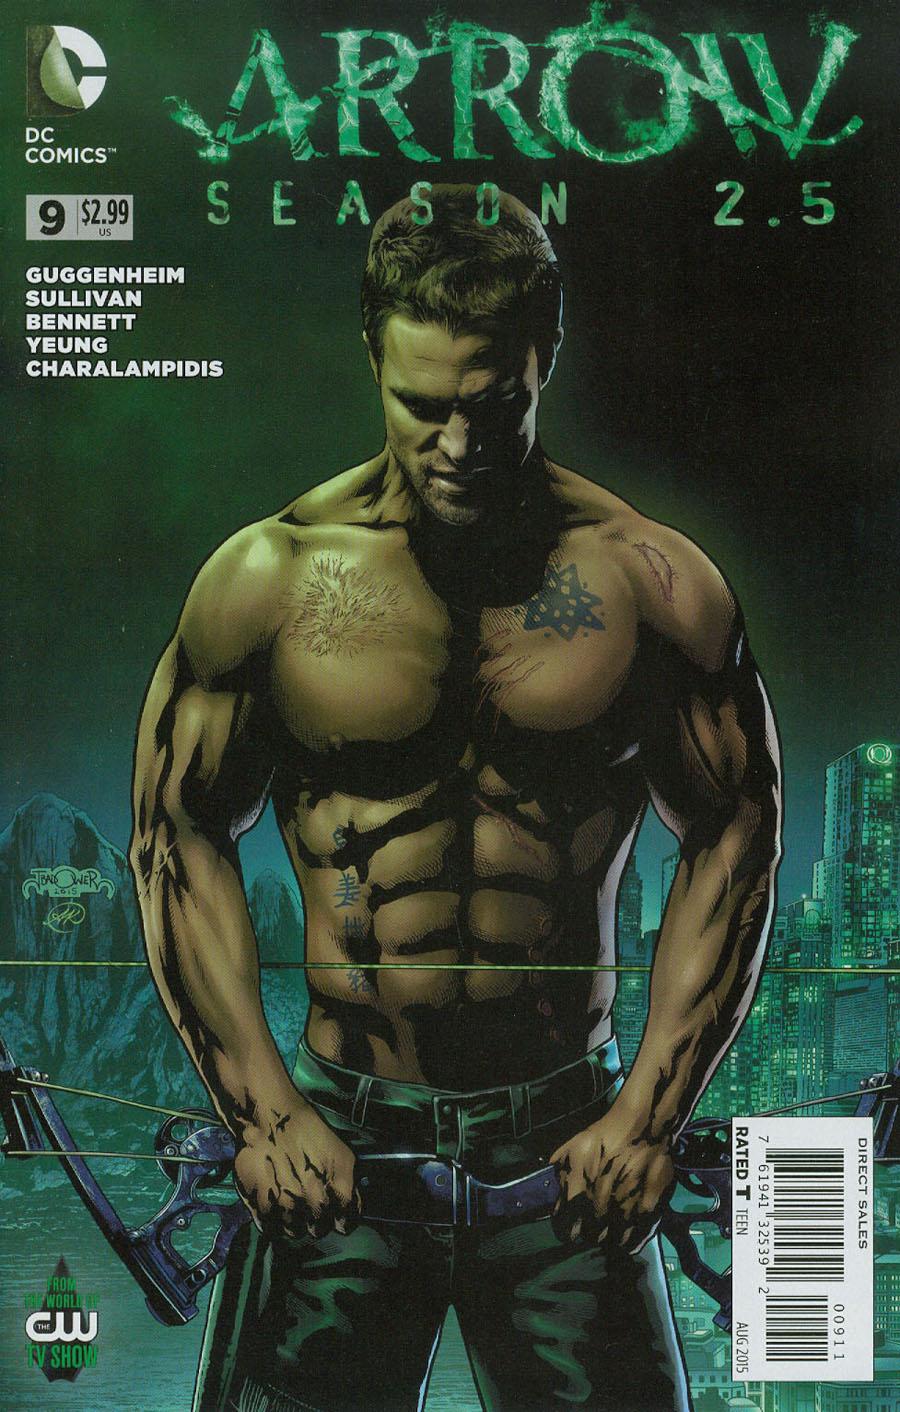 Arrow Season 2.5 #9